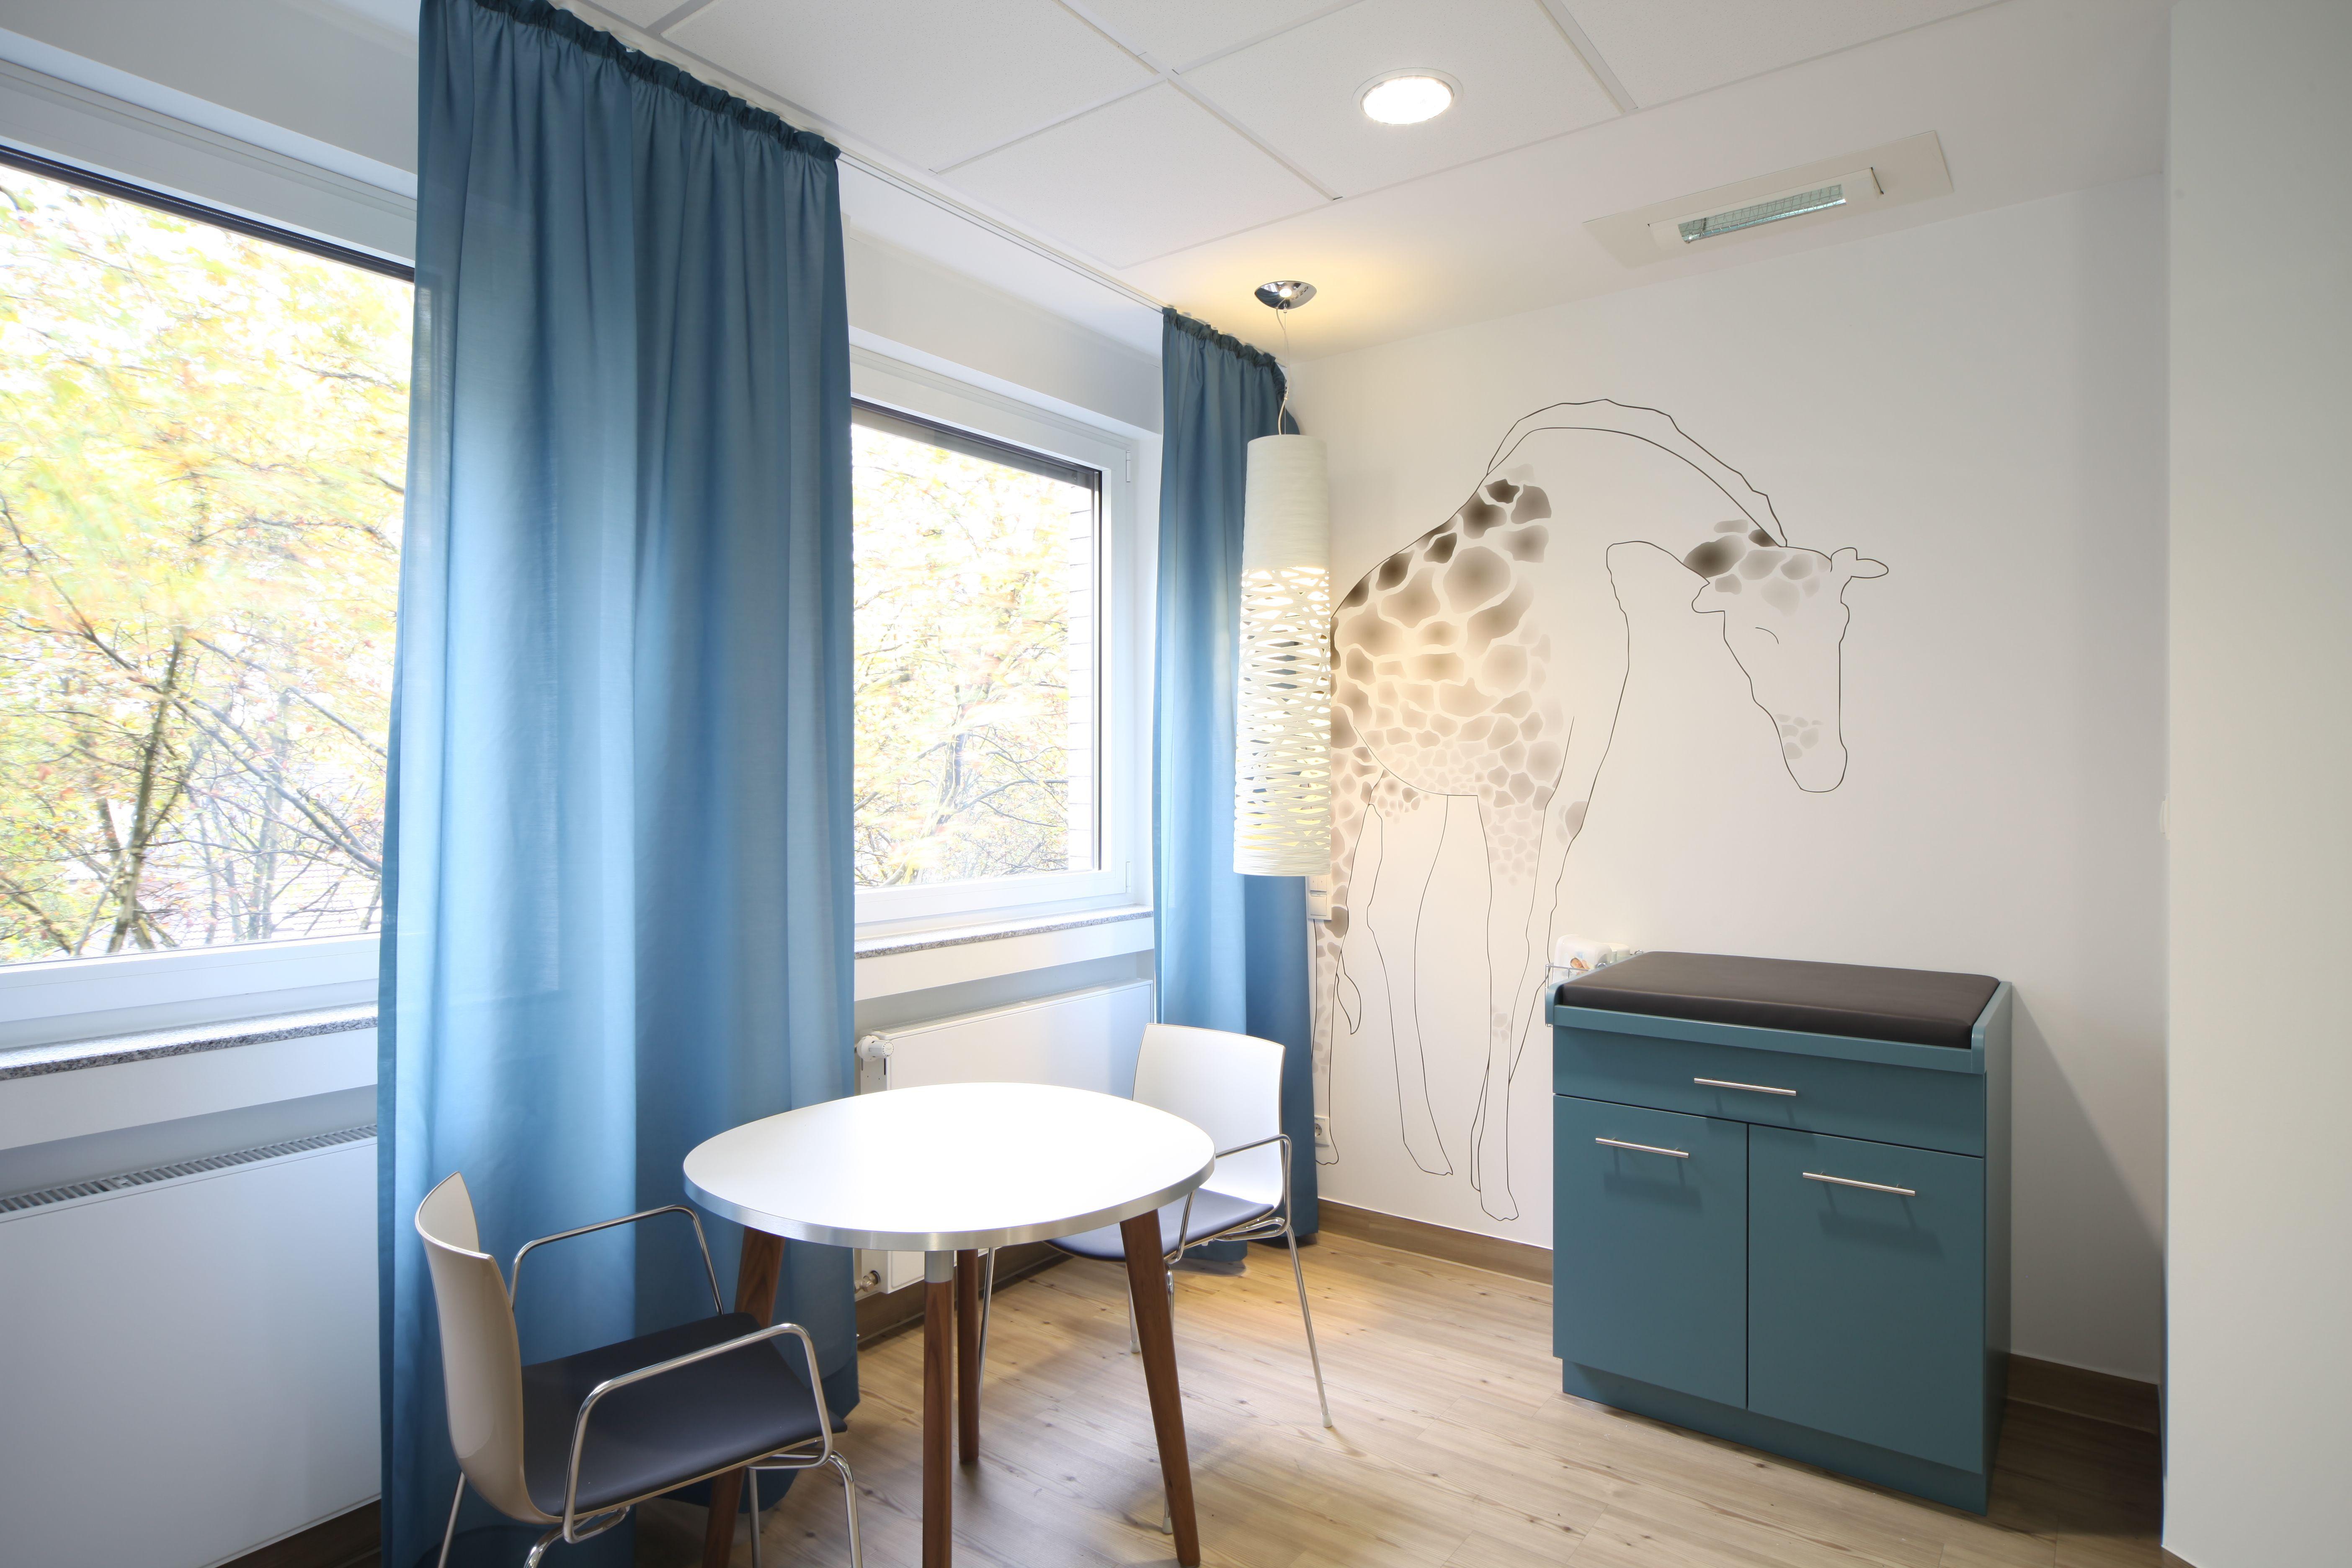 Architekt Oberhausen vescom evangelisches krankenhaus oberhausen image hell und